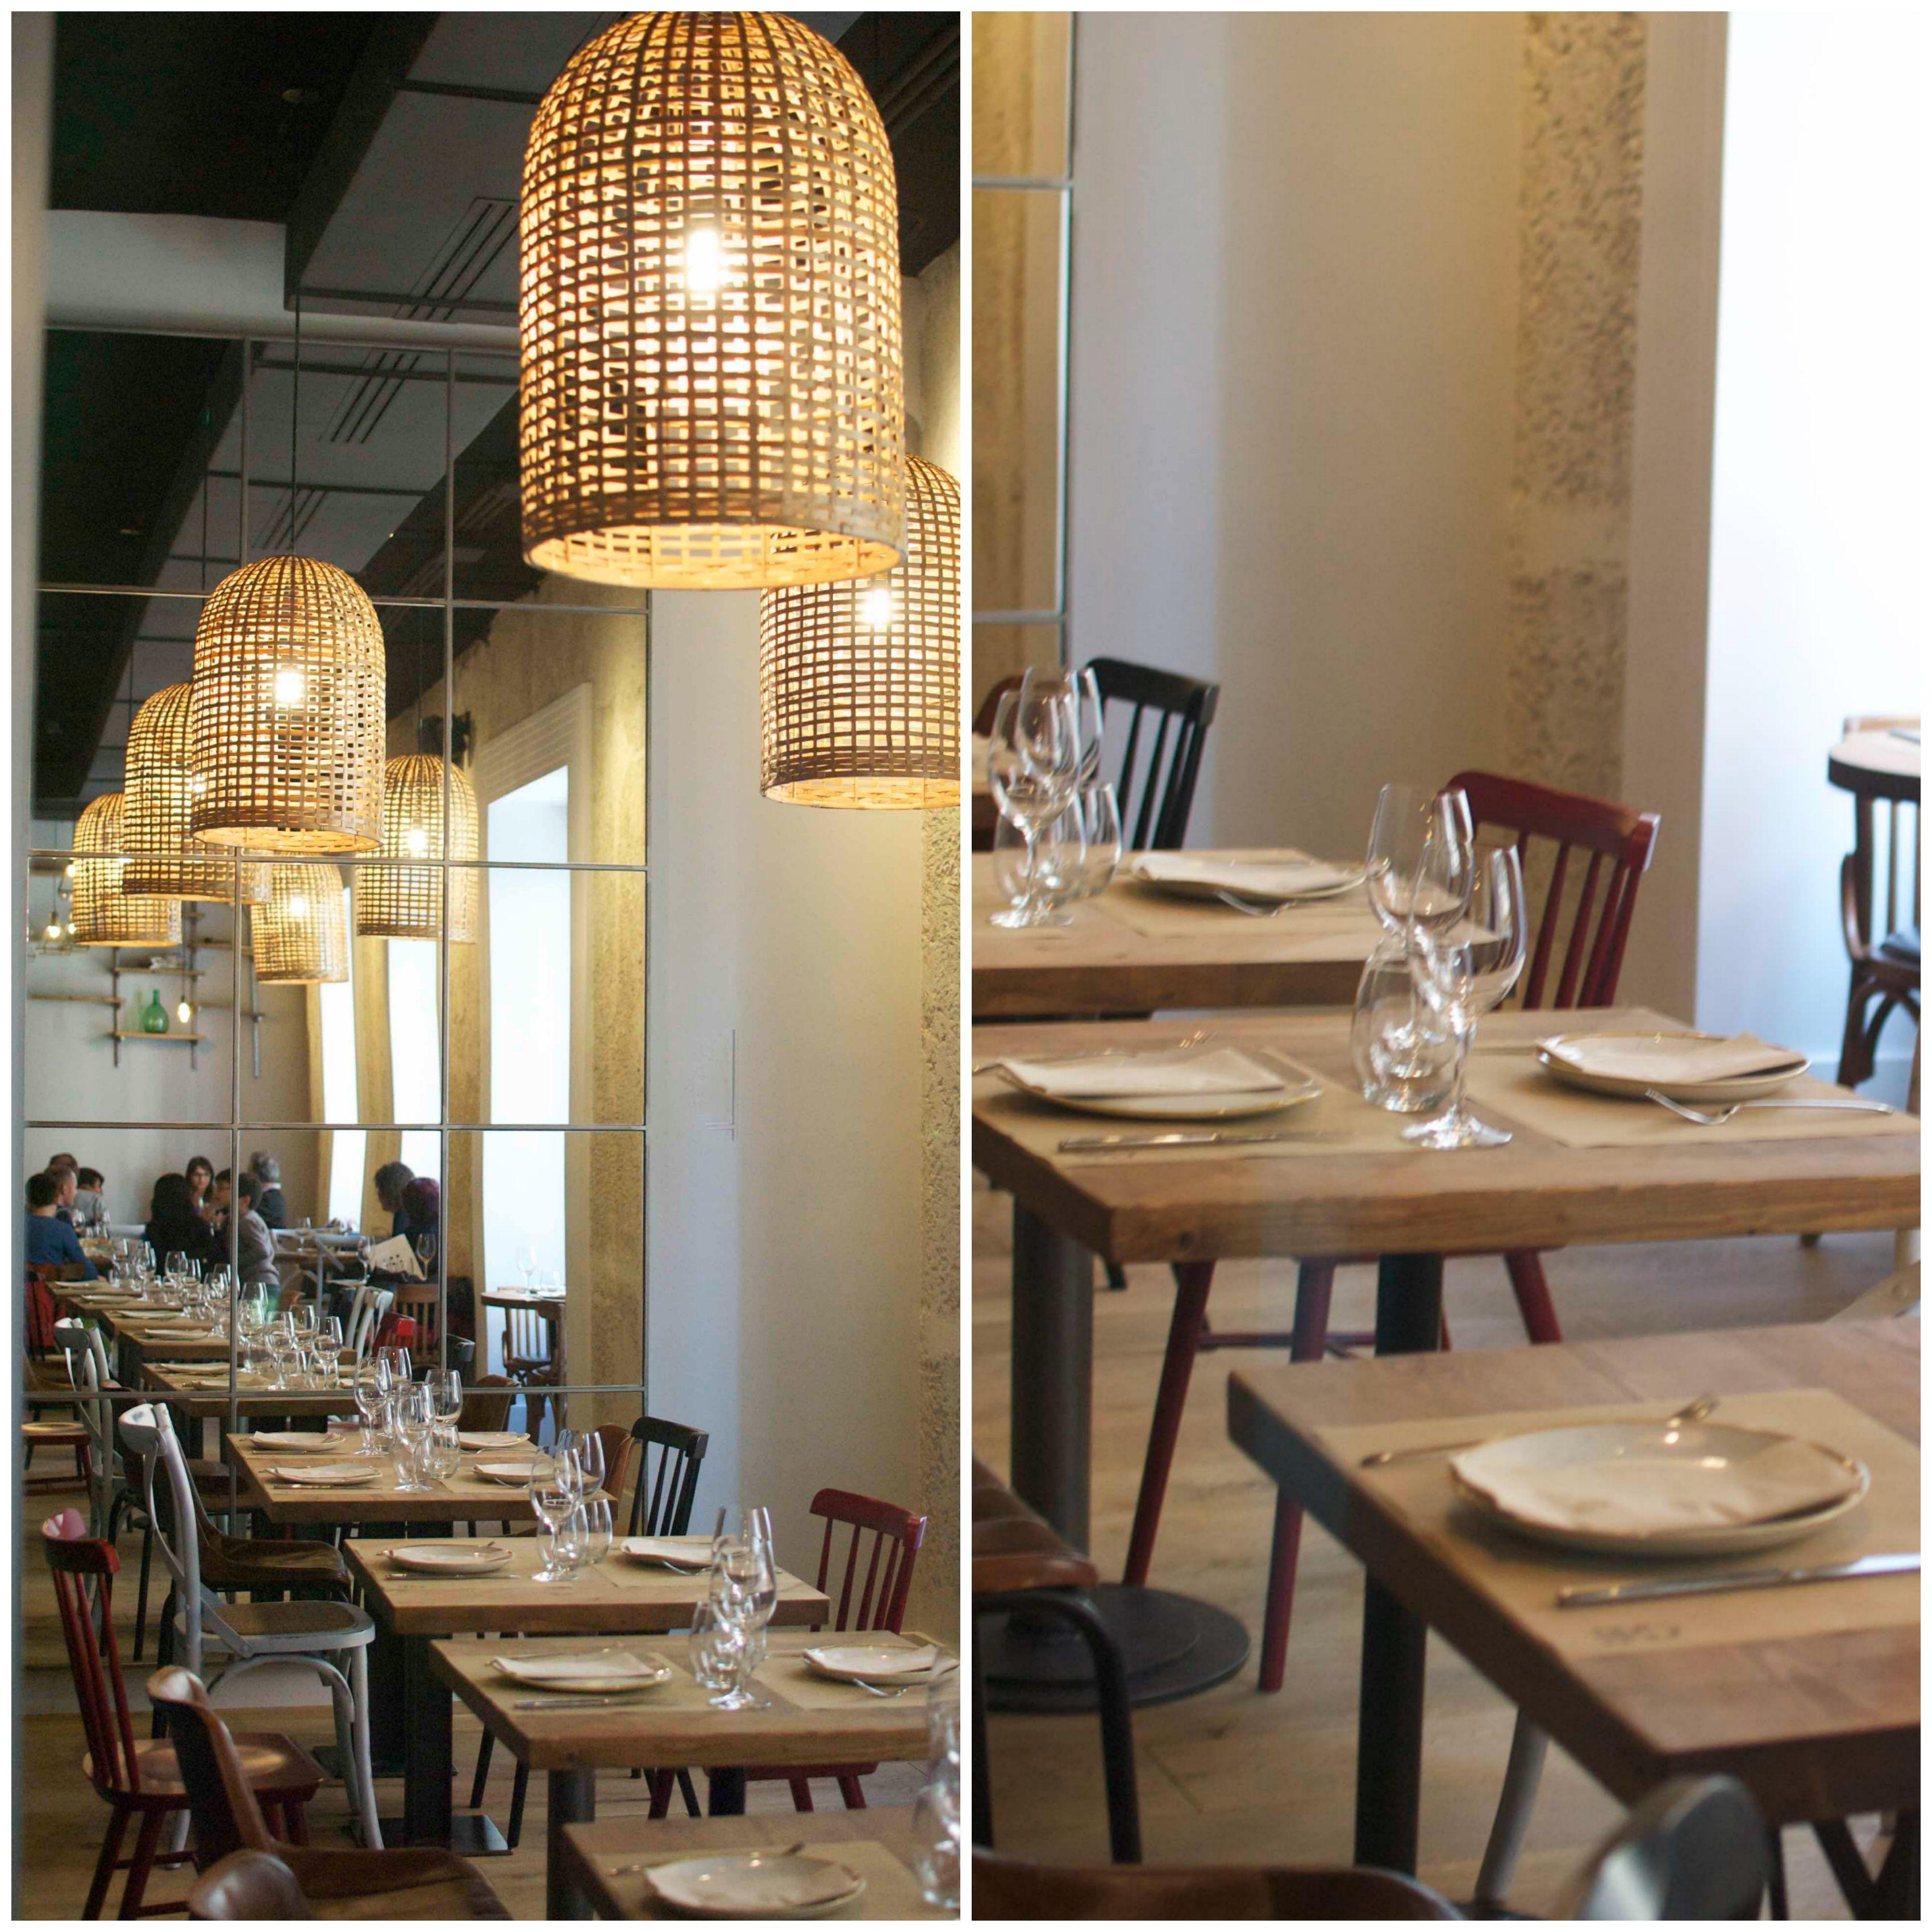 Serafina un restaurante en el centro para ir en familia madrid martina myself - Cocina para bar ...